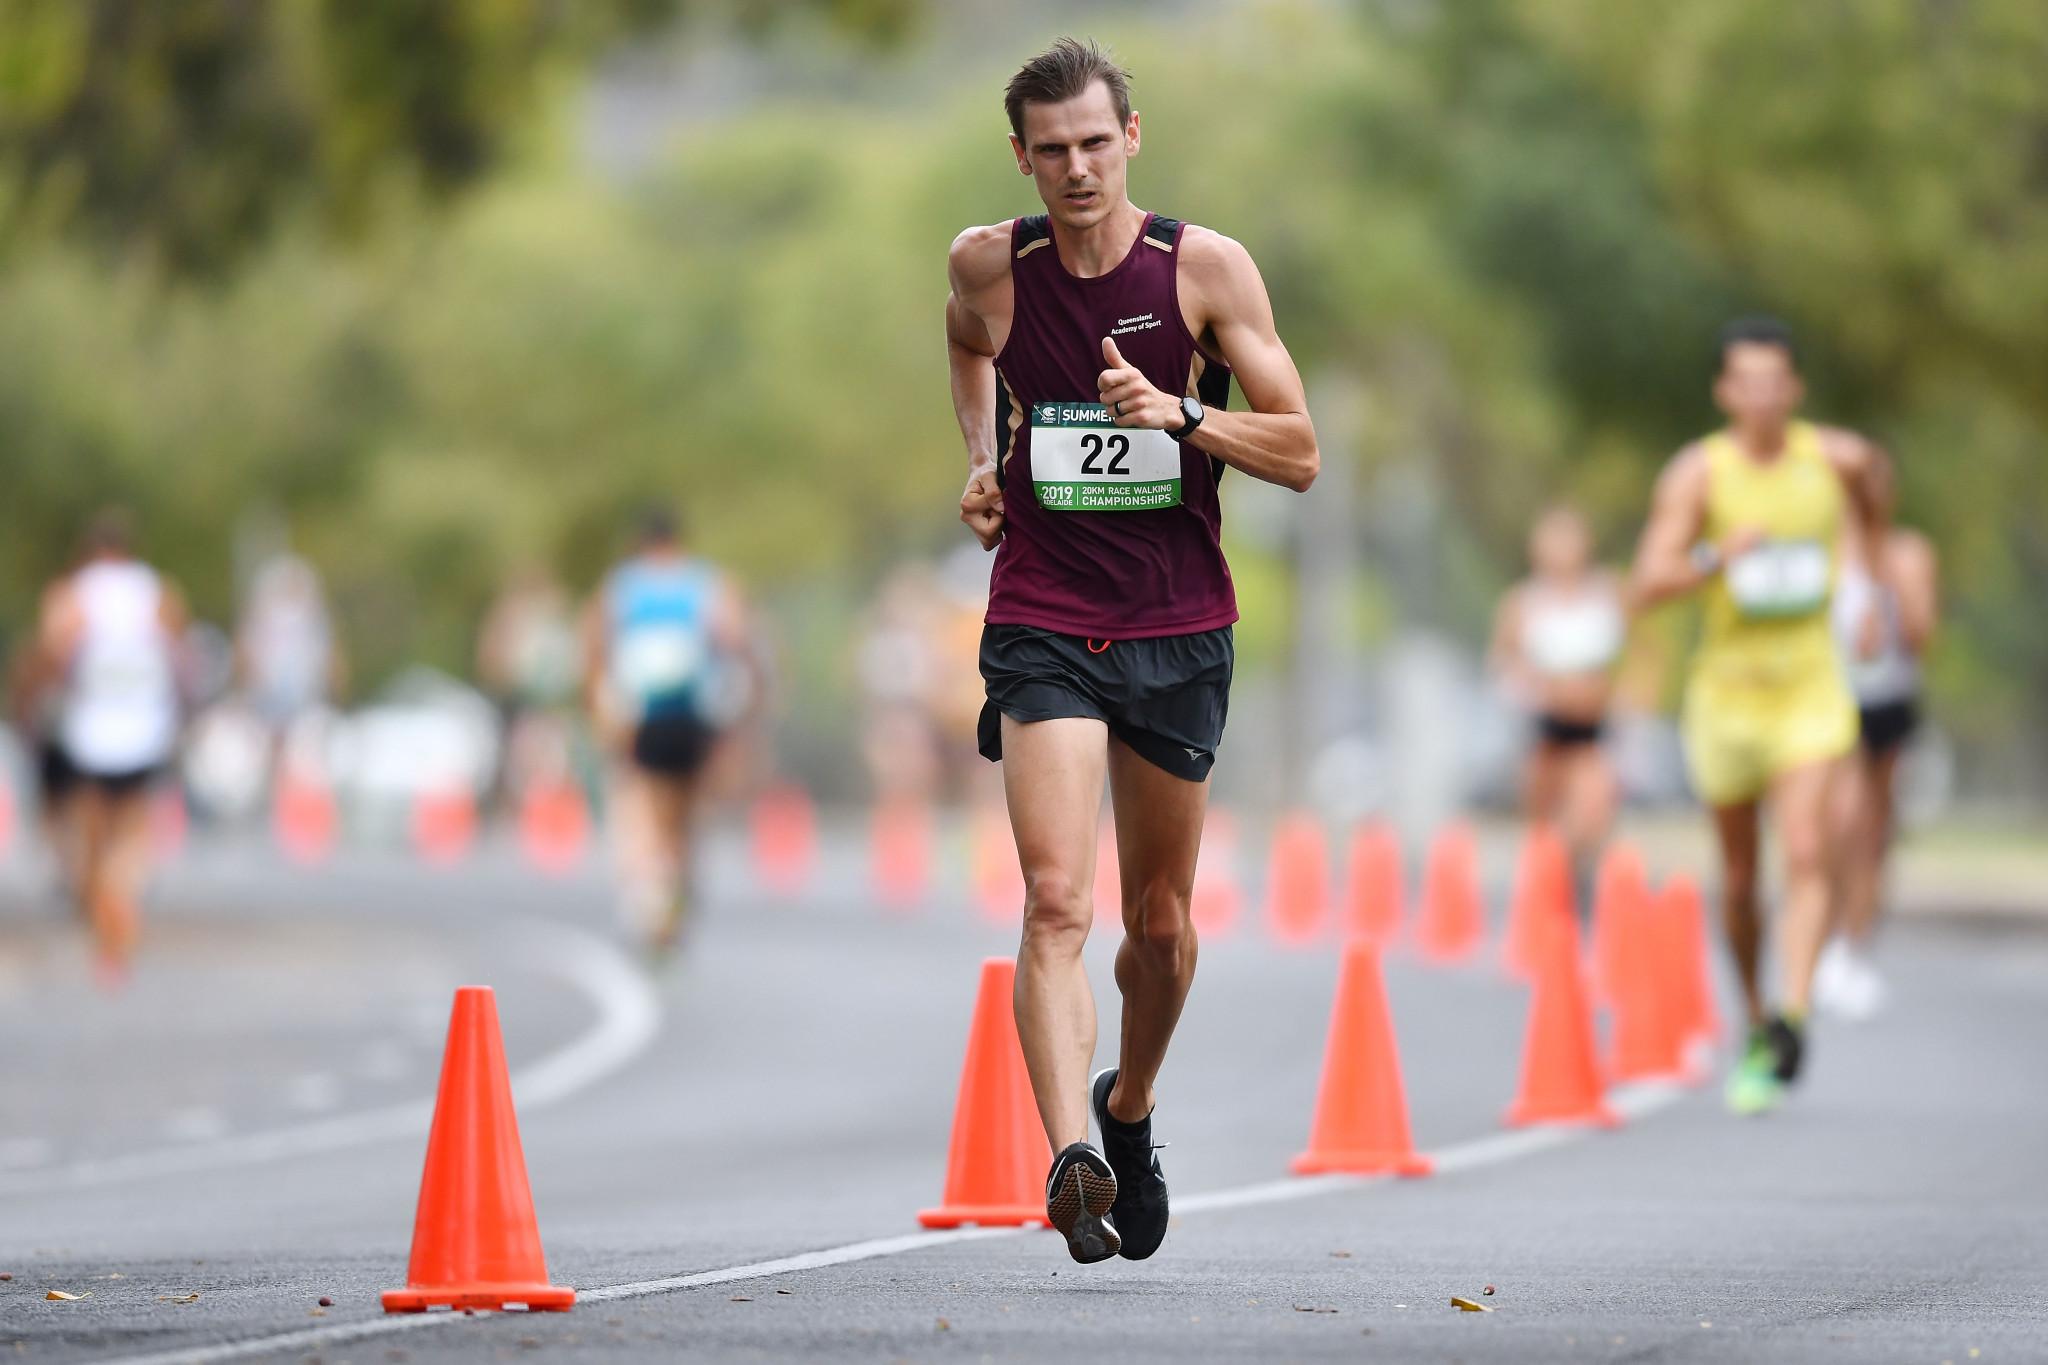 Australian race walkers confirm Tokyo 2020 places